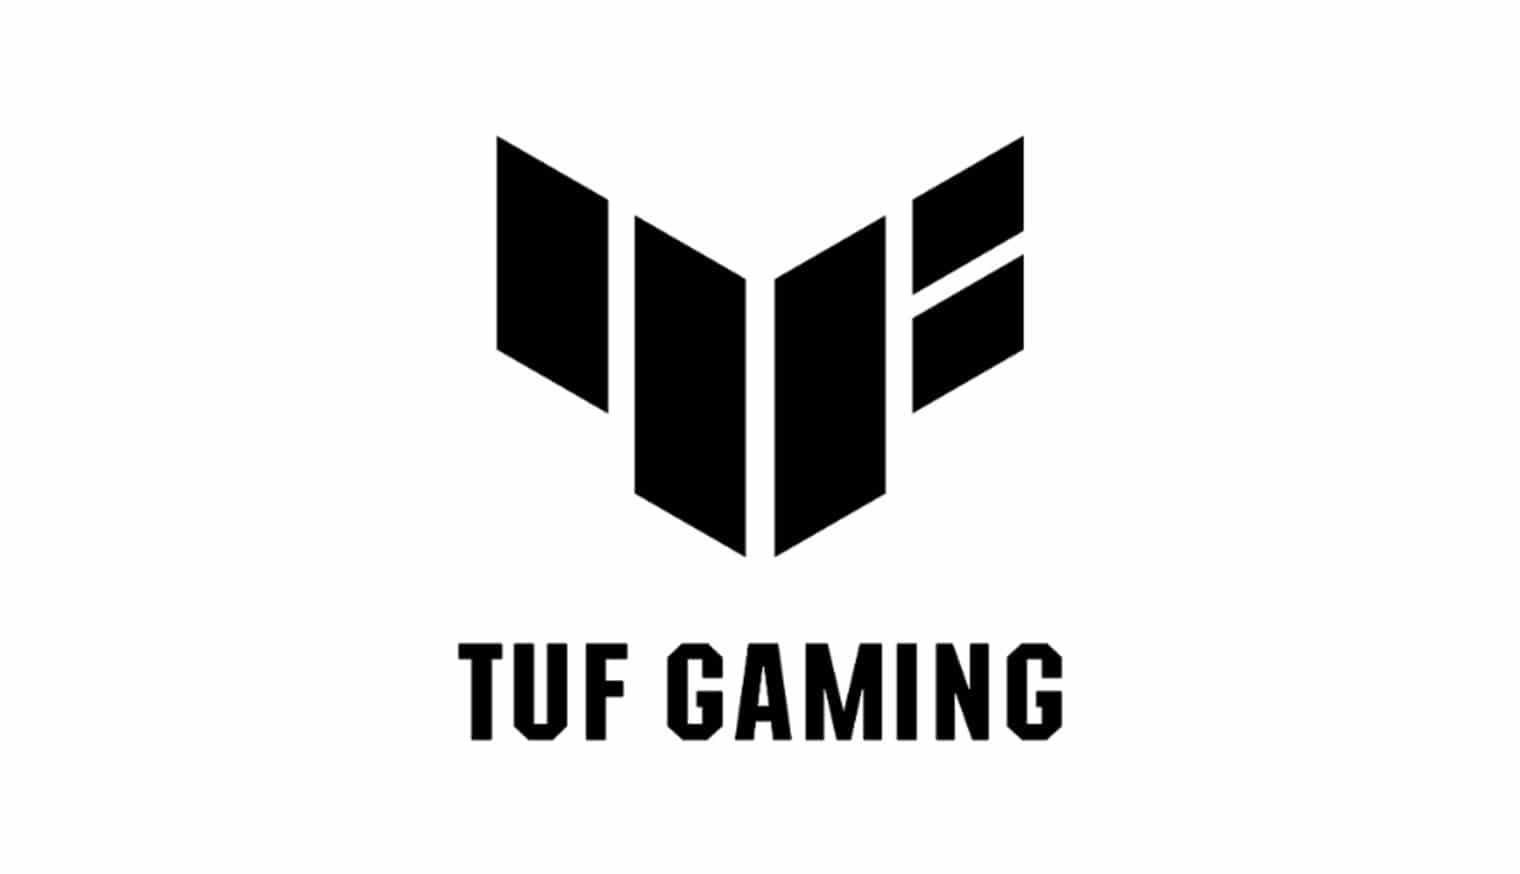 Asus Tuf logo